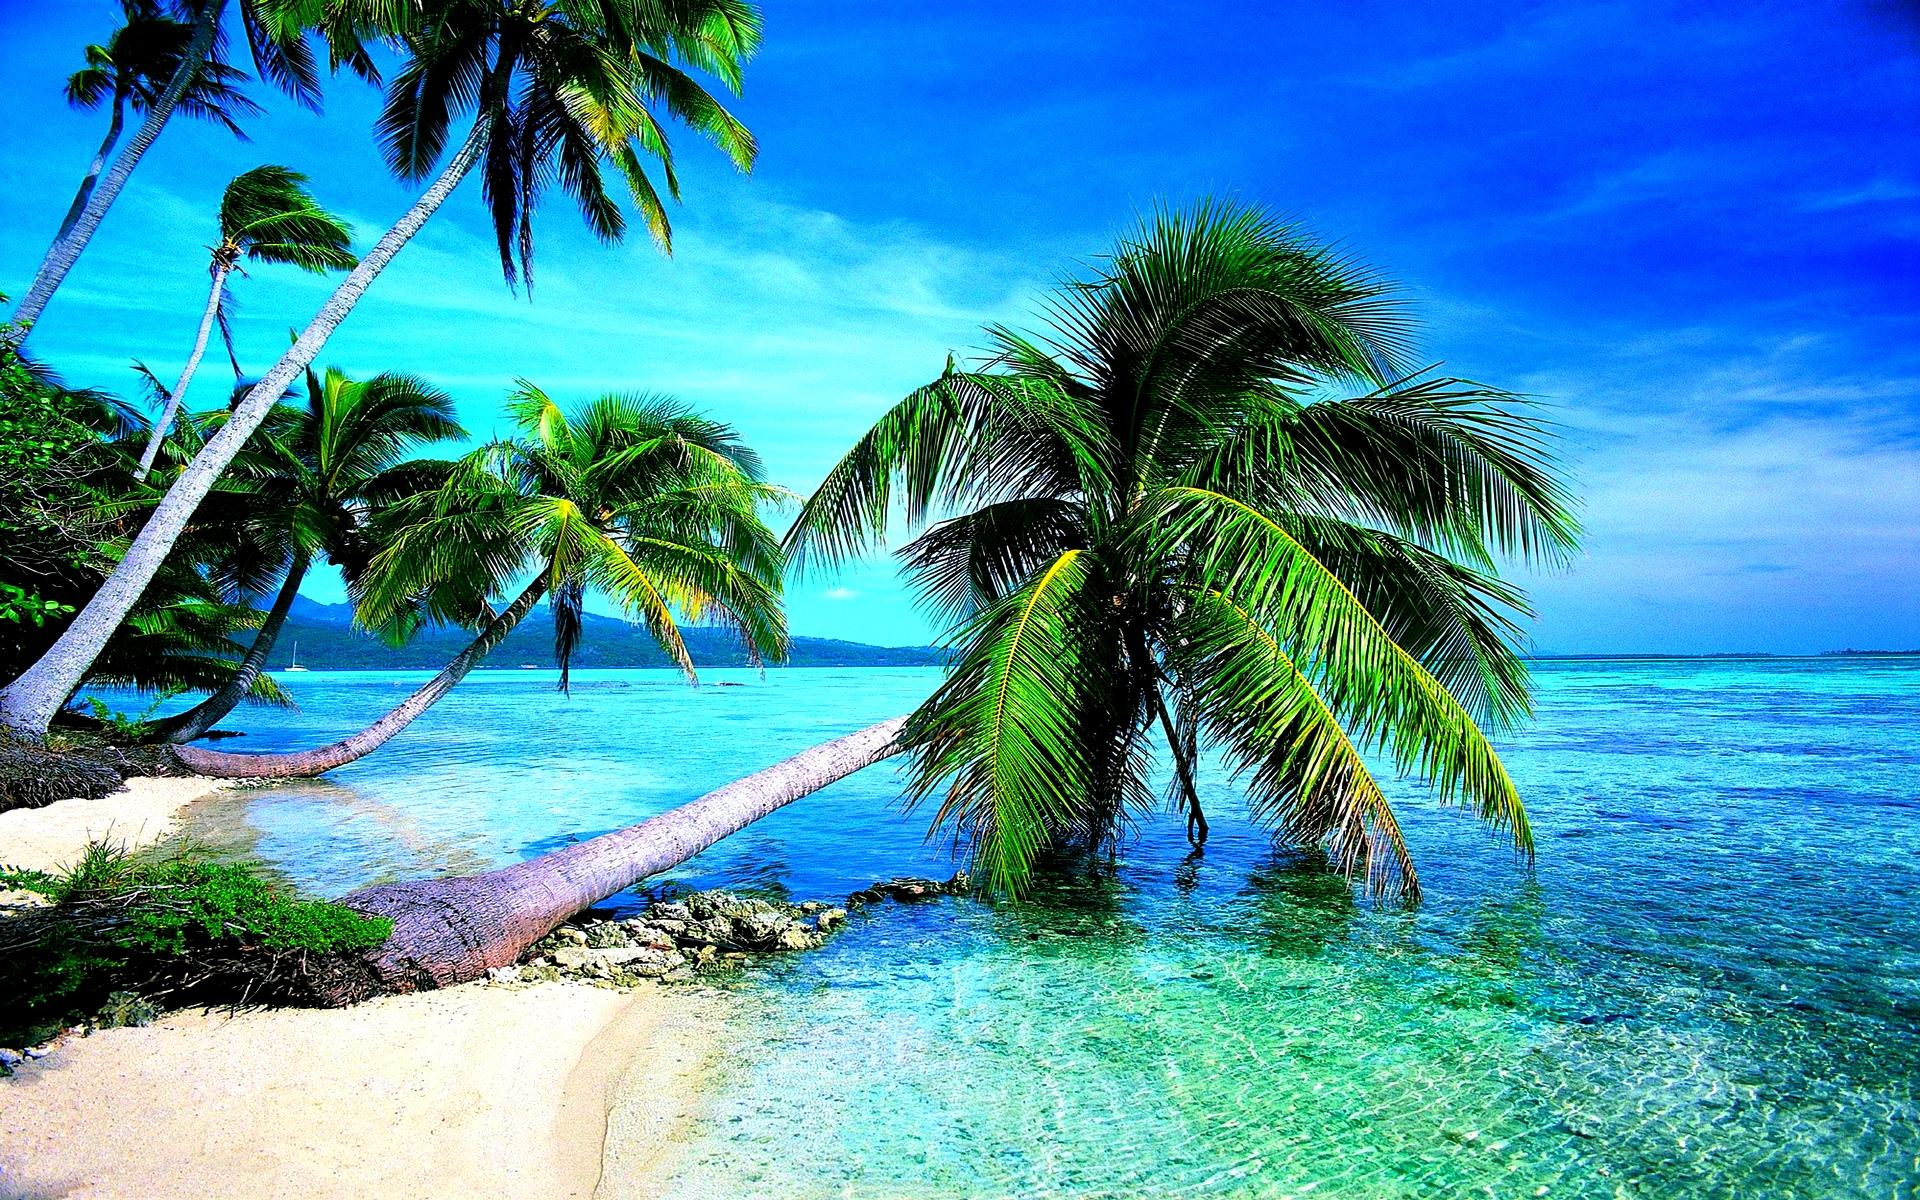 tropical beach hd image tropical beach hd wallpapers tropical beach 1920x1200